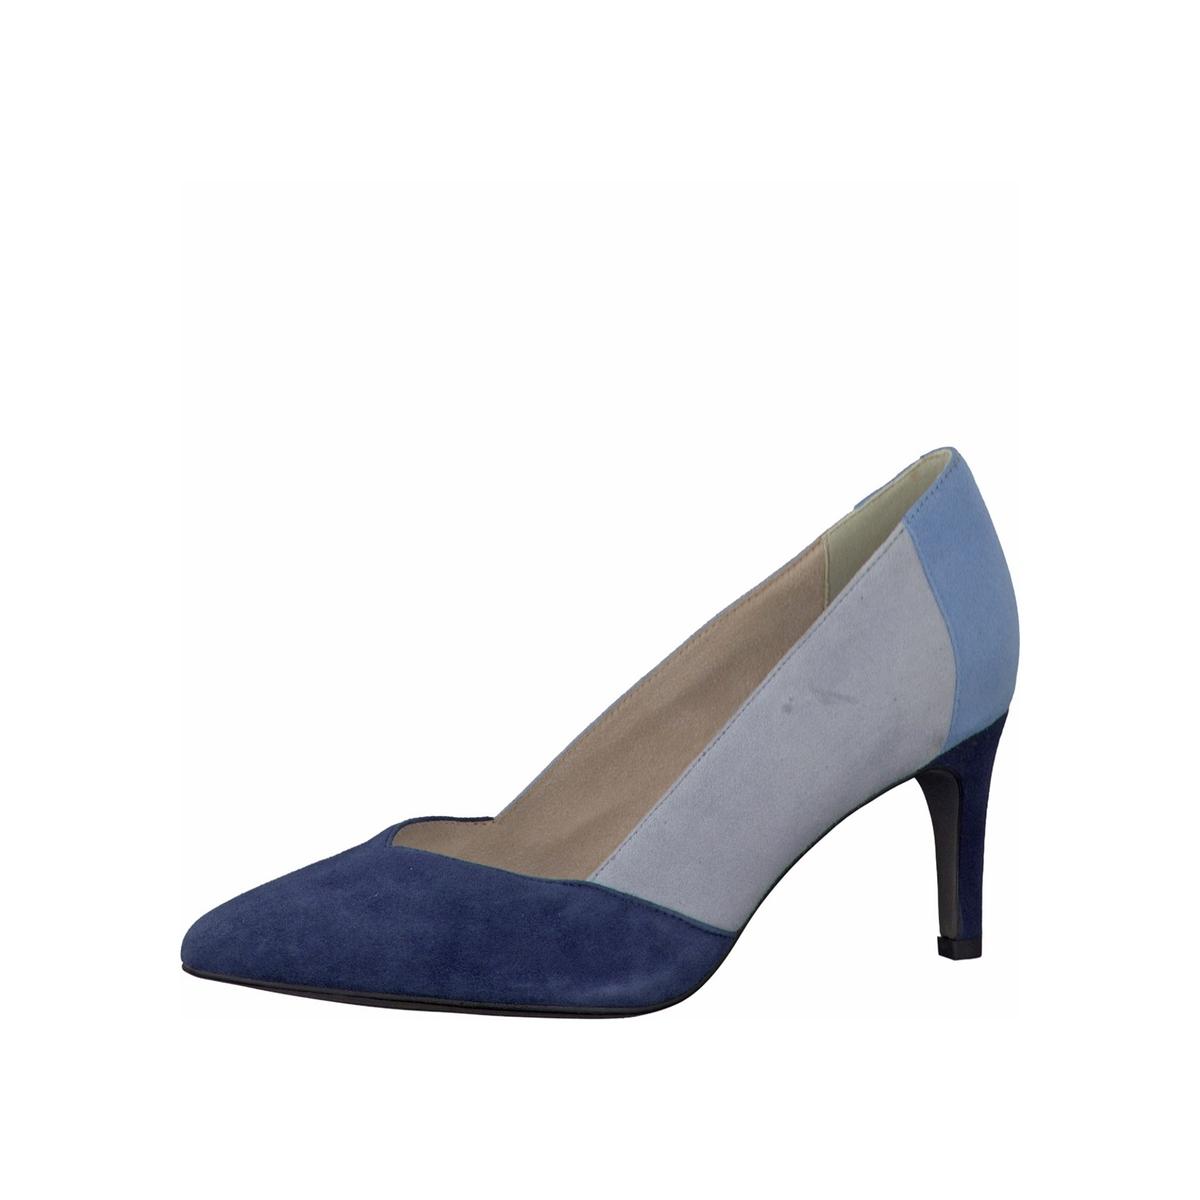 Туфли 22424-28Верх: кожа и текстиль.Подкладка: текстиль и синтетика.Стелька: синтетика.Подошва: синтетика.Высота каблука: 6,5 см.Форма каблука: тонкий каблук.  Мысок: заостренный мысок.Застежка: без застежки.<br><br>Цвет: синий морской<br>Размер: 37